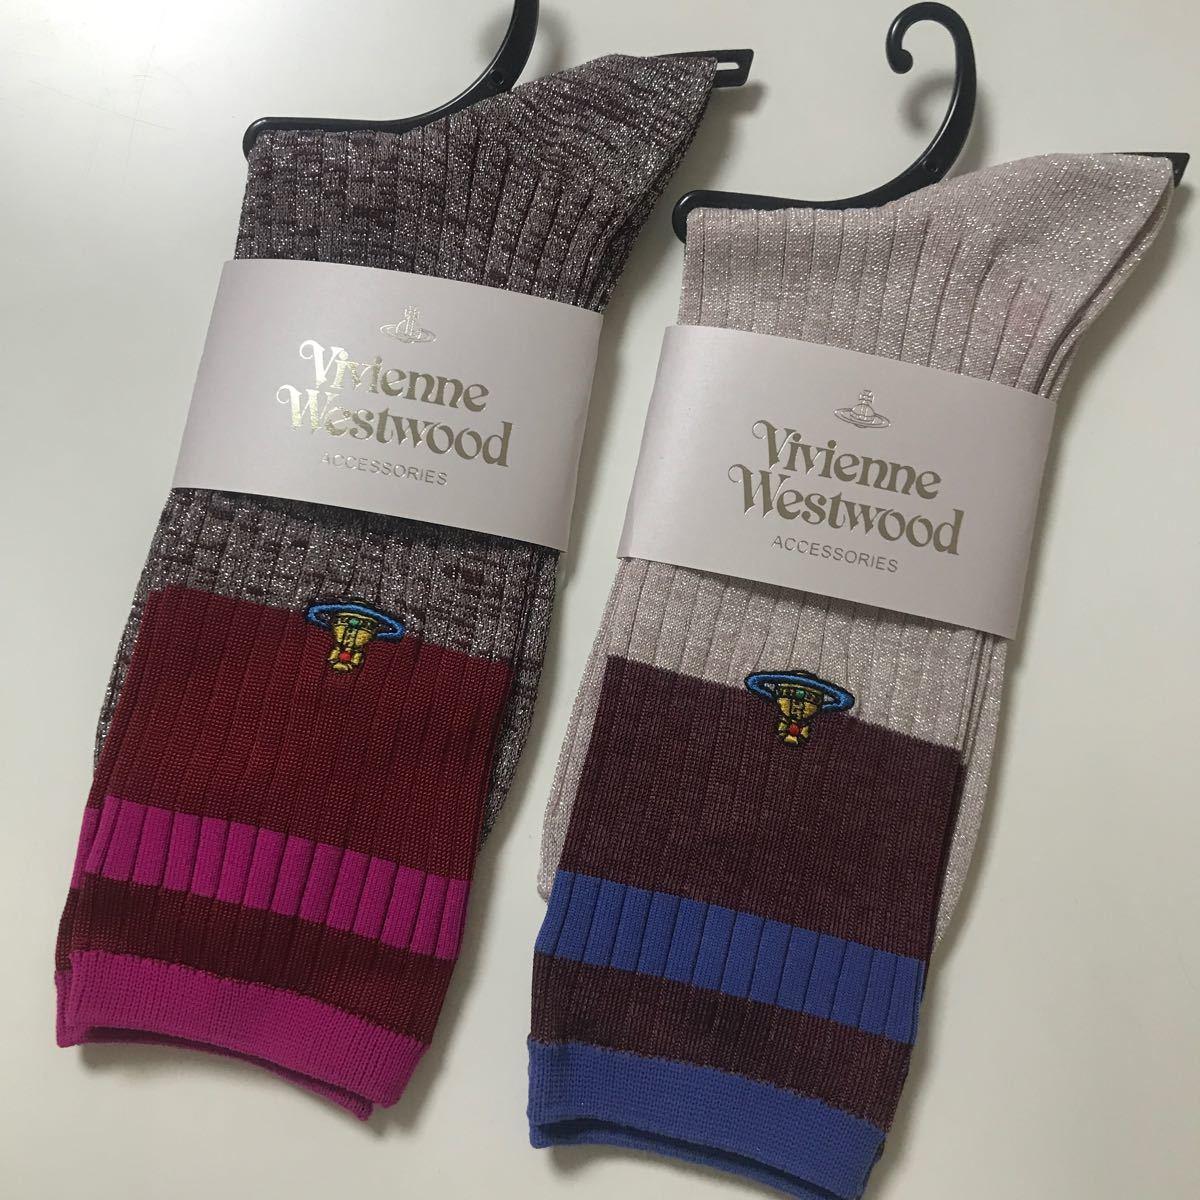 ヴィヴィアンウエストウッド Vivienne Westwood 女性 靴下  紳士靴下 ポロラルフローレン ラルフローレン メンズ